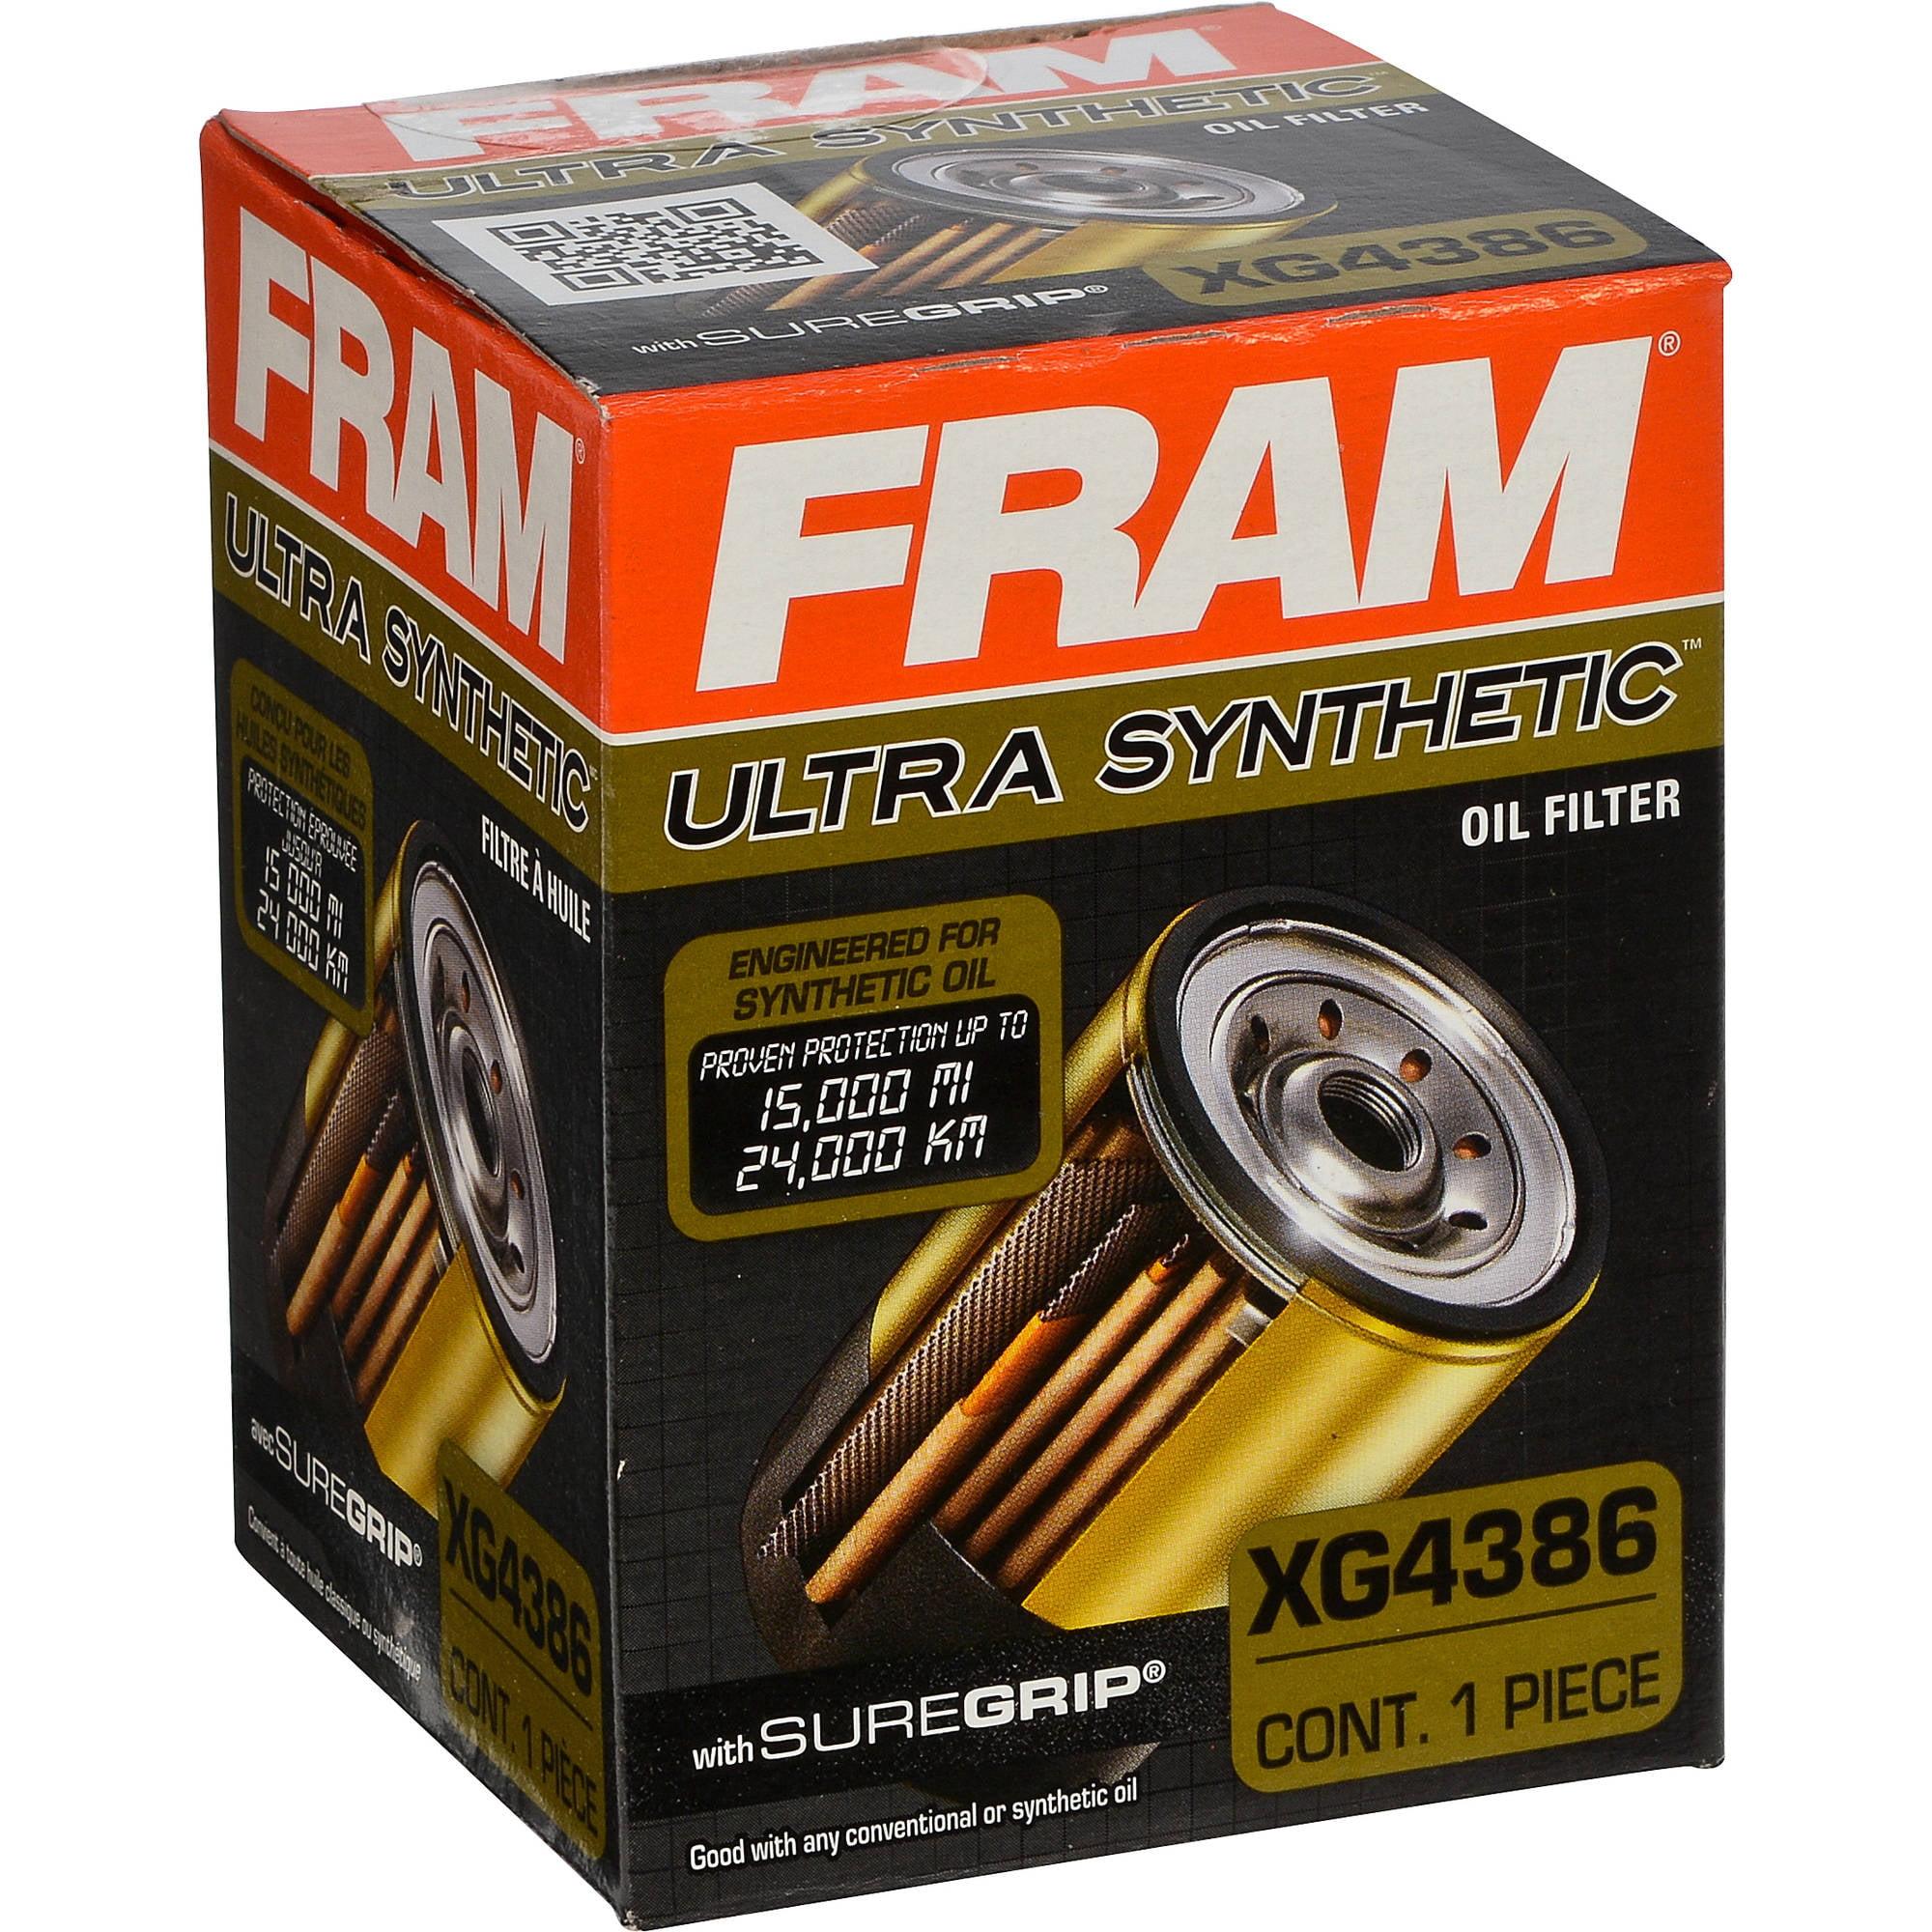 FRAM Ultra Synthetic Oil Filter, XG4386